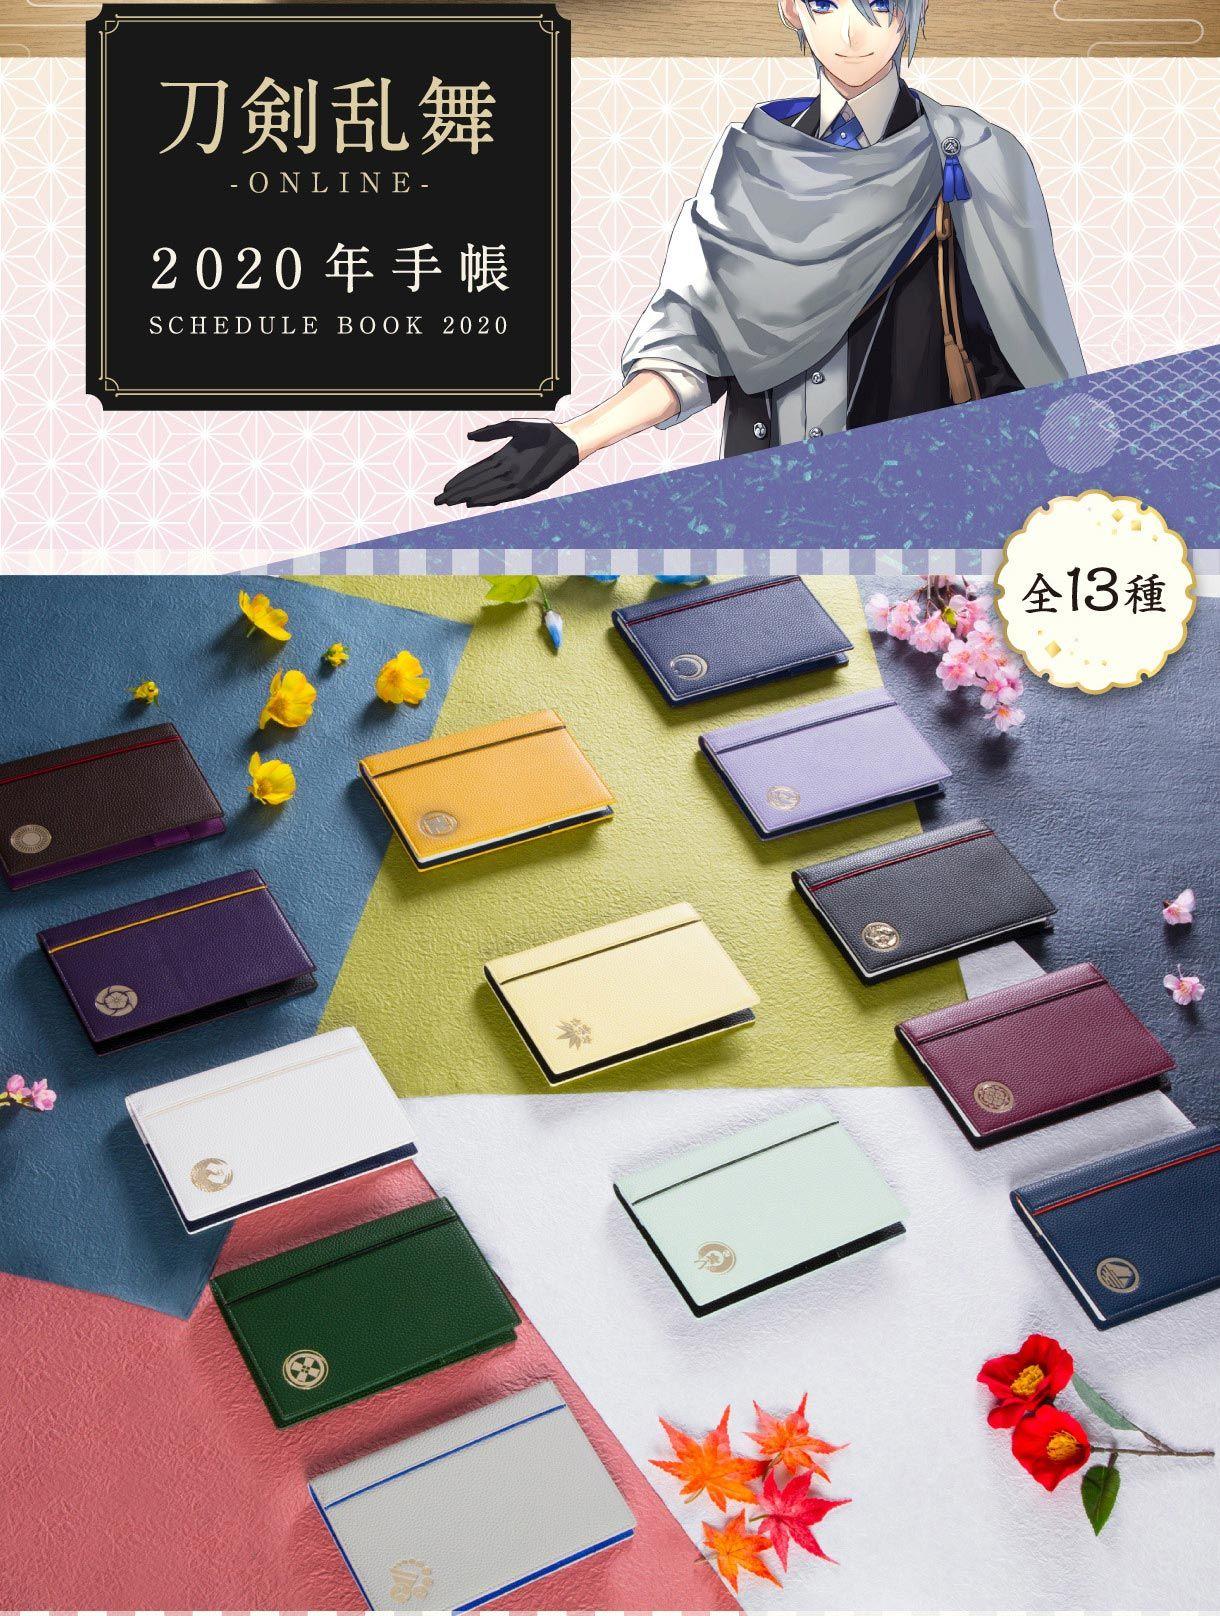 刀剣乱舞 Online 2020年手帳全13種 刀剣乱舞 Online 趣味